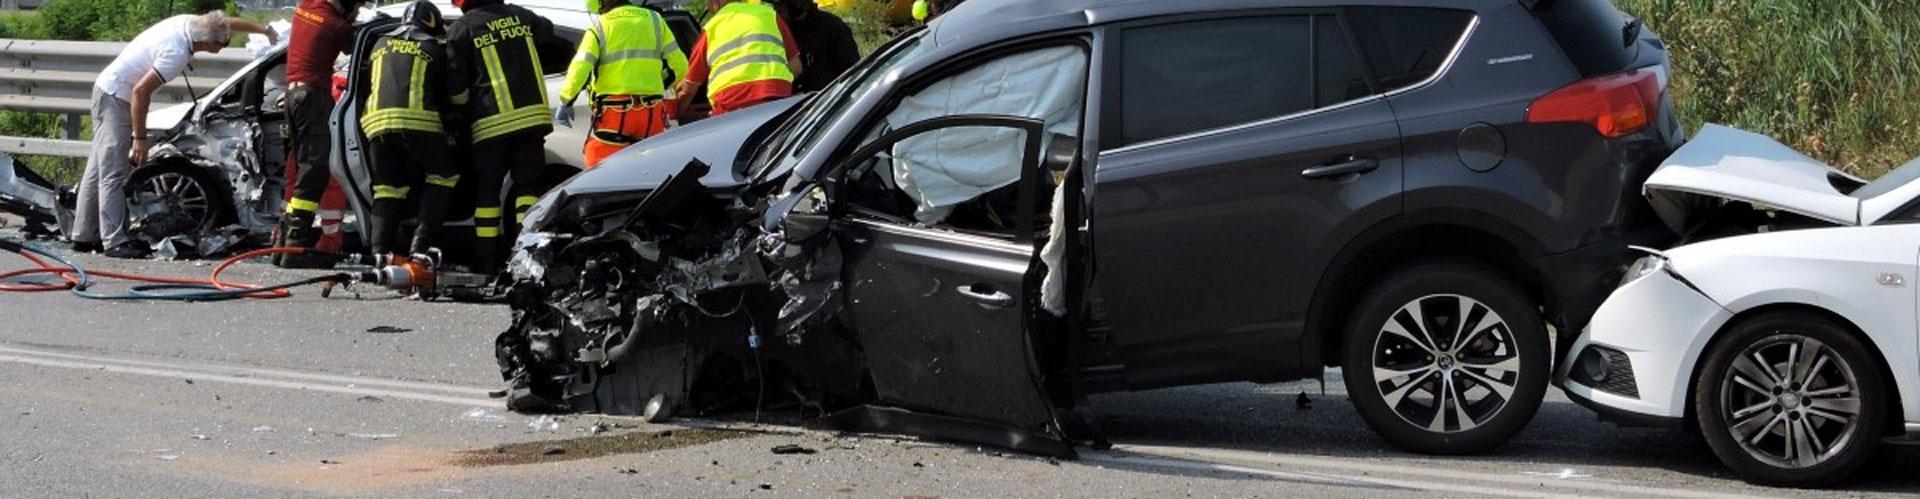 Schadevergoeding bij letselschade na verkeersongeval claimen